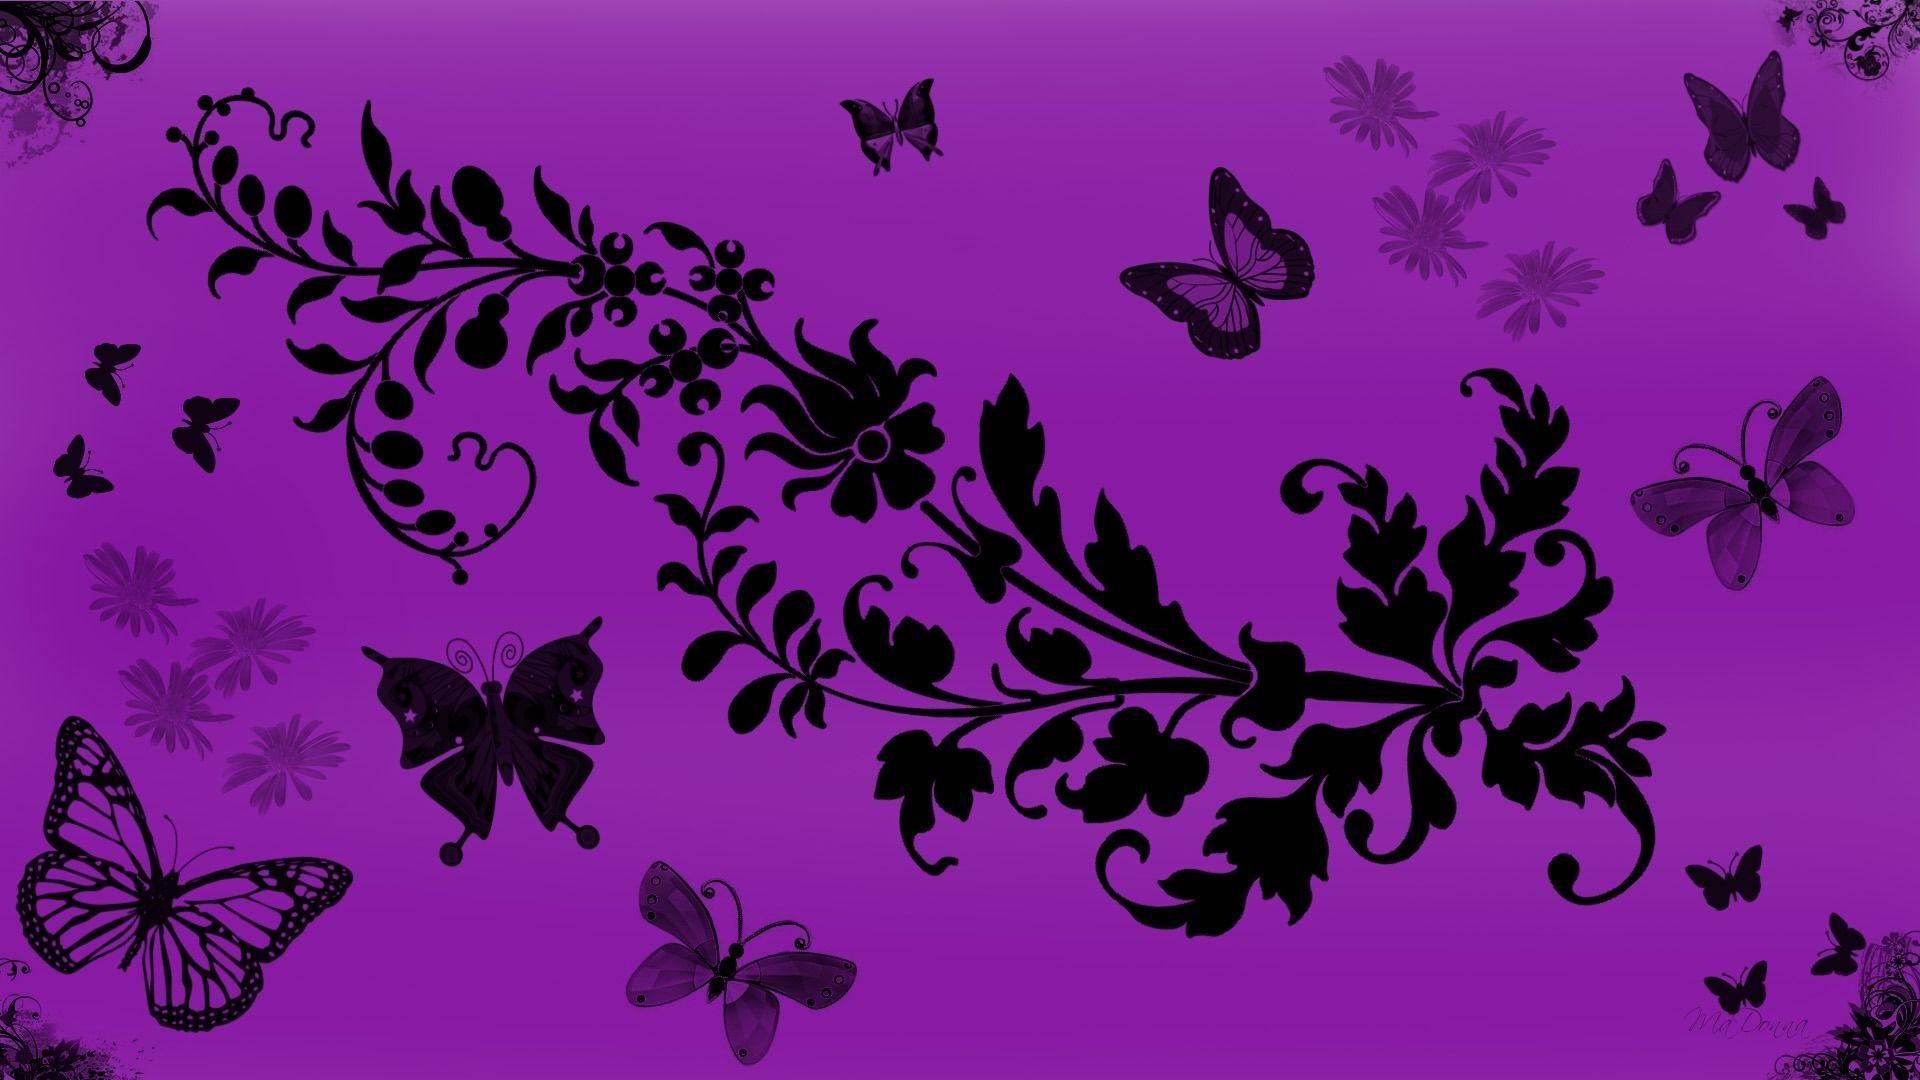 … Purple Butterfly Desktop Background Wallpaper. Download